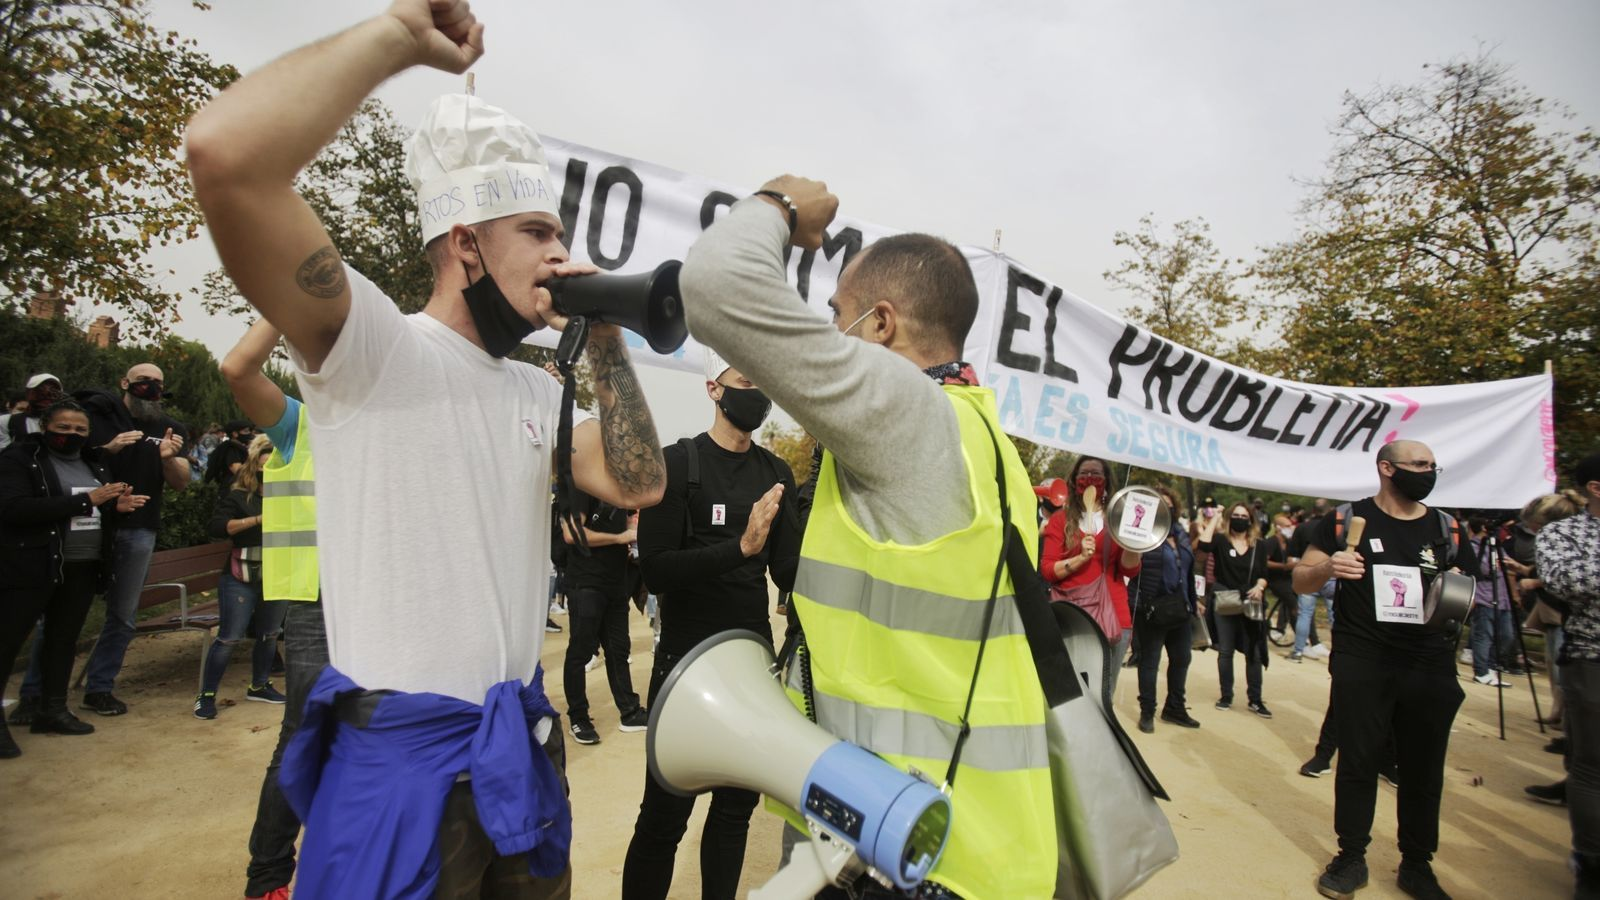 Treballadors de l'oci nocturn i la restauració han protestat aquest dimecres al Parc de la Ciutadella contra les restriccions imposades al sector